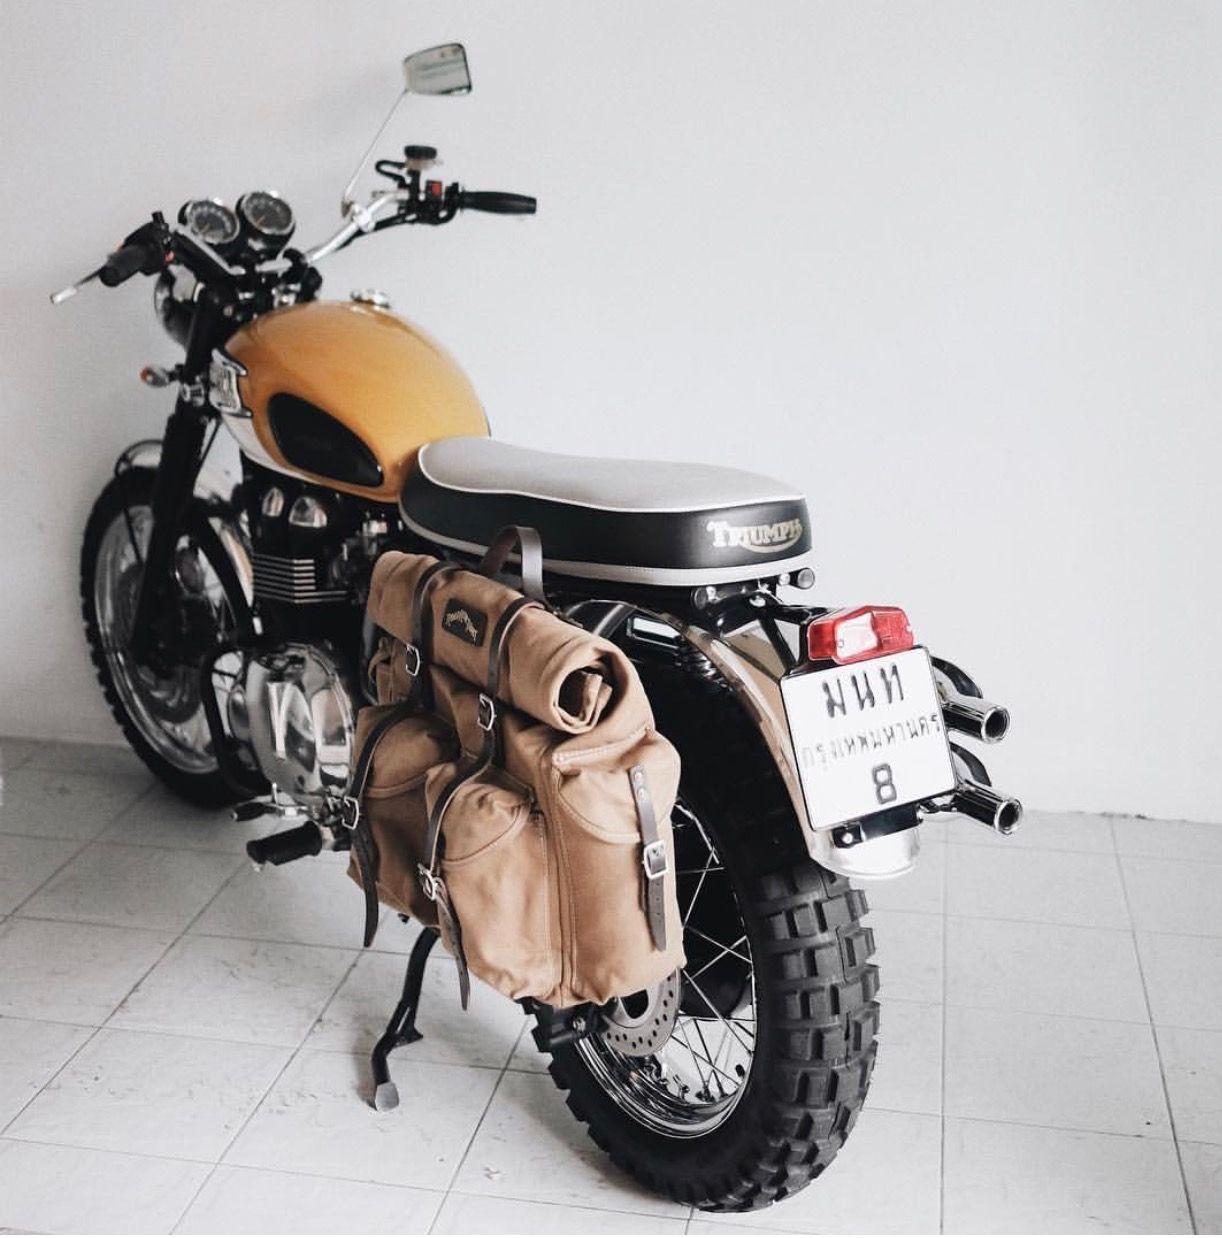 Pin By Miguel Juan Bonilla On Motorcycles Motorrad Fahrzeuge Autos